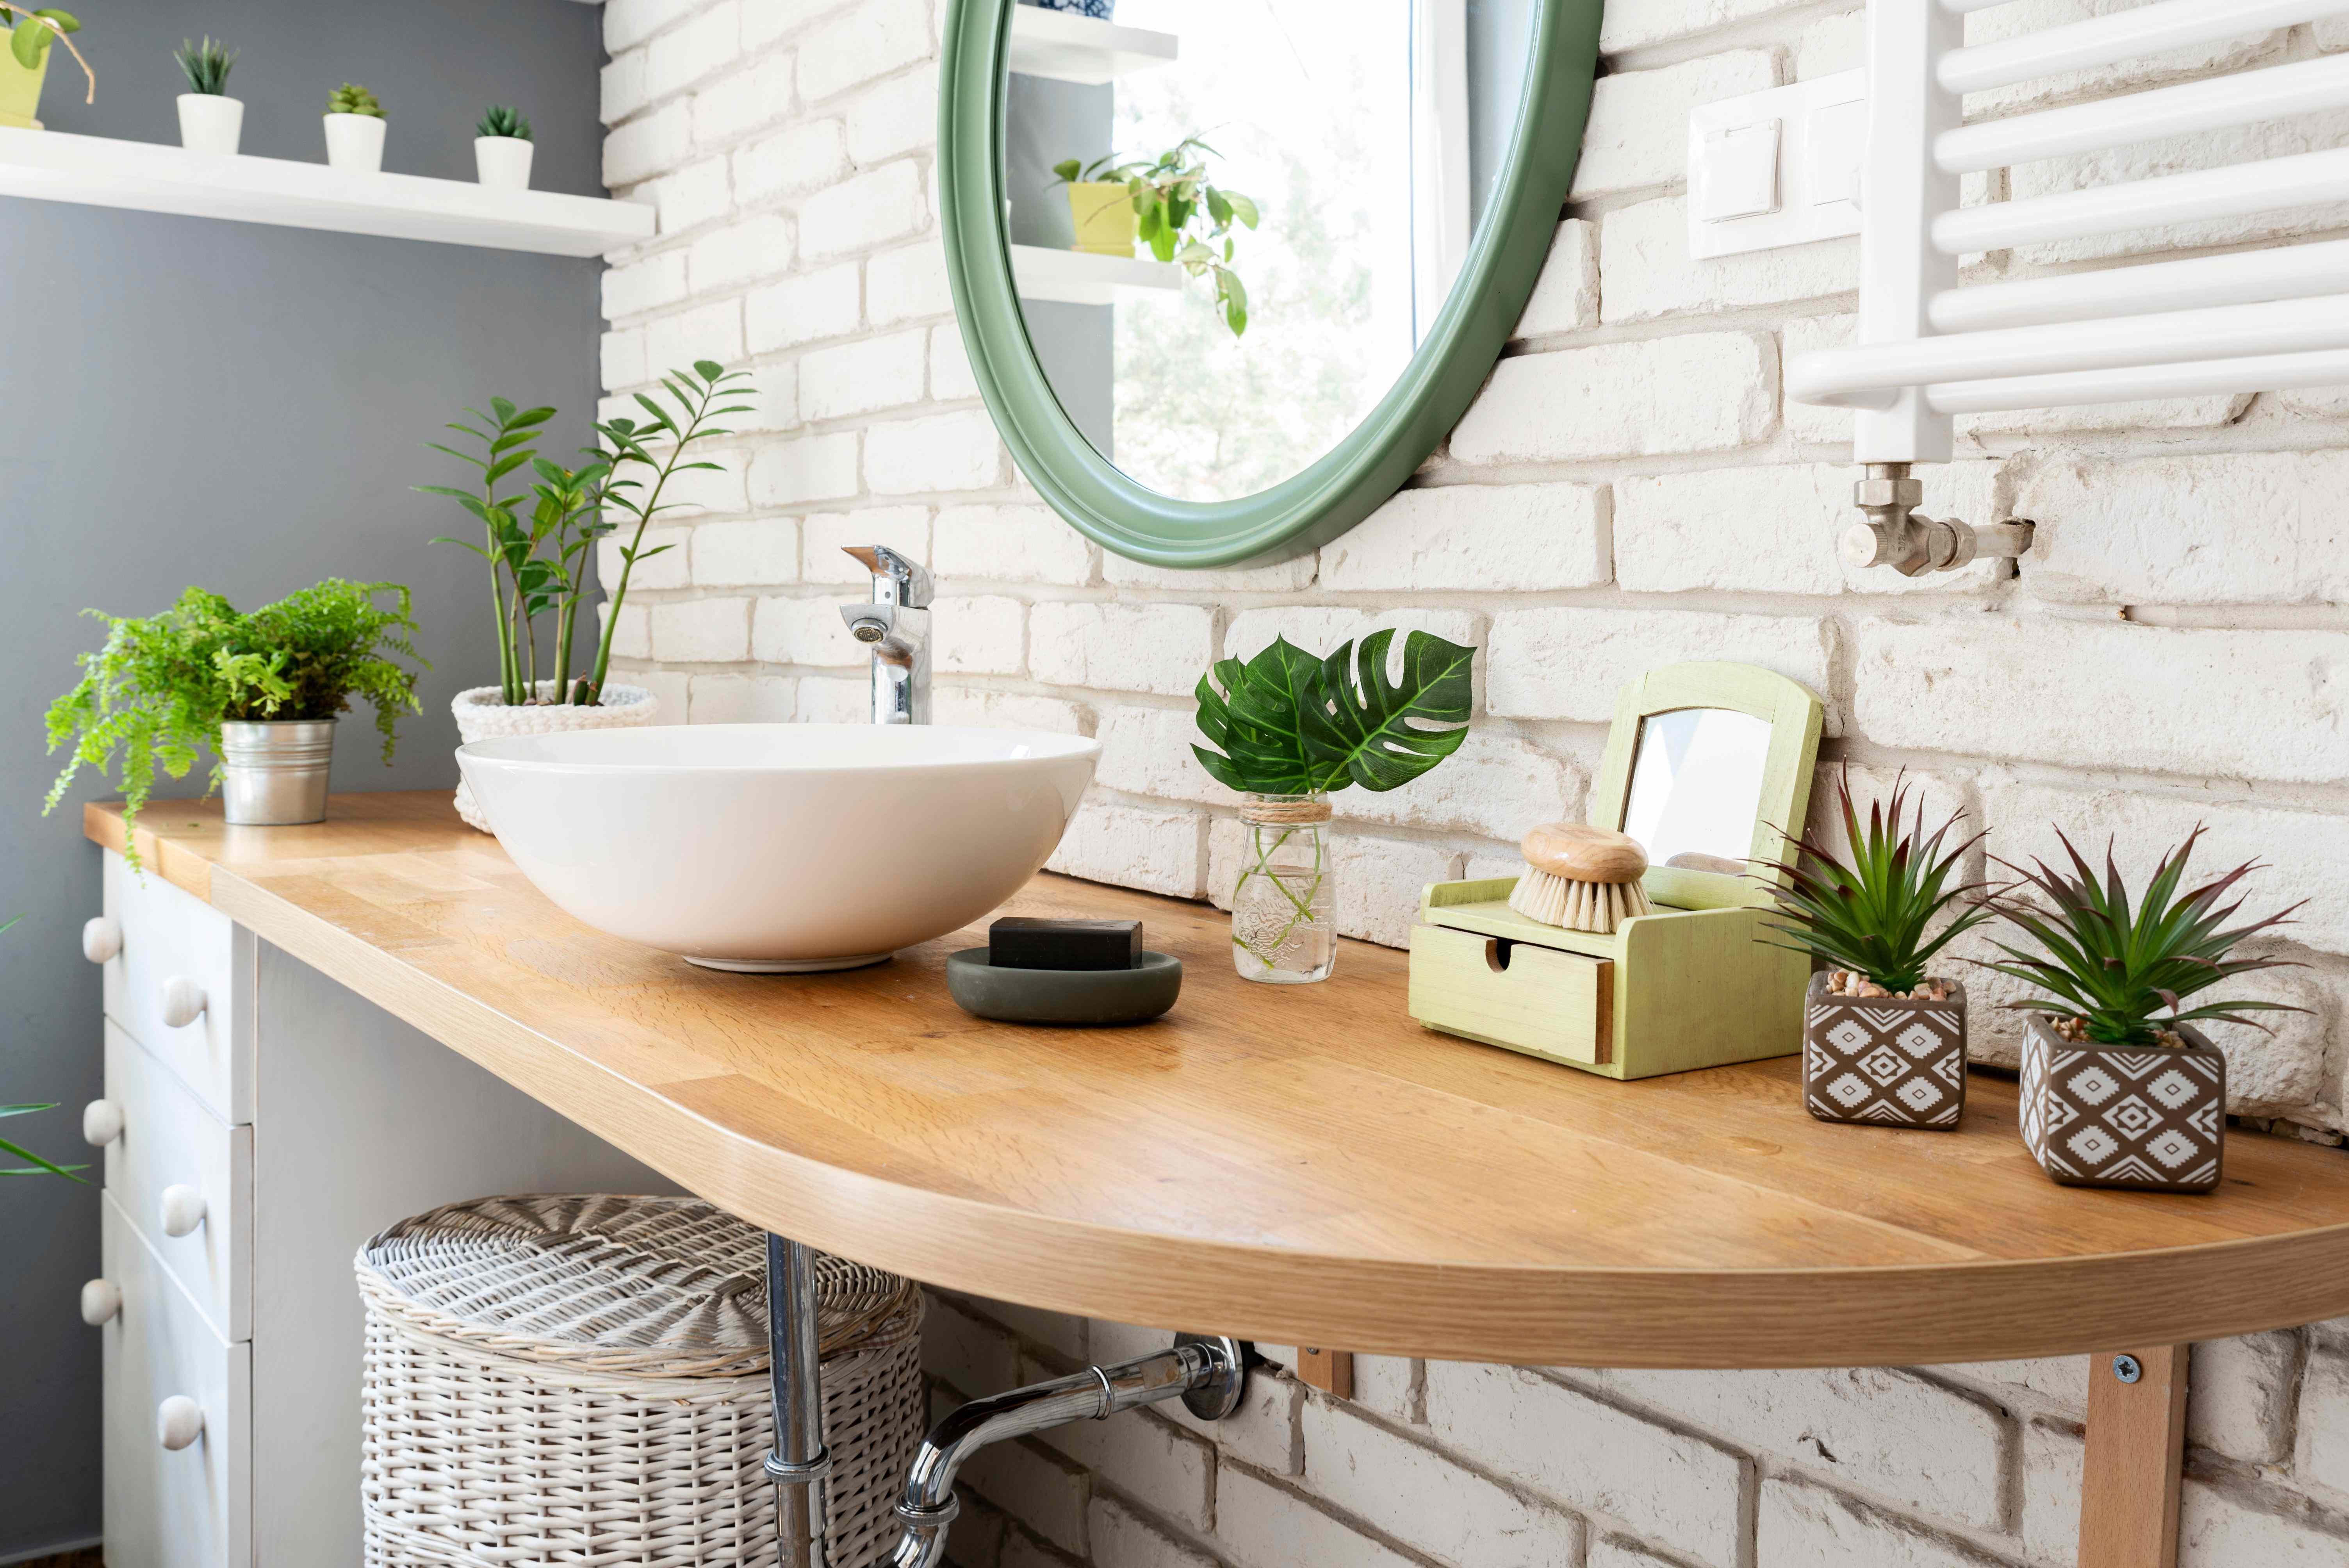 Cómo decorar tu baño por poco dinero